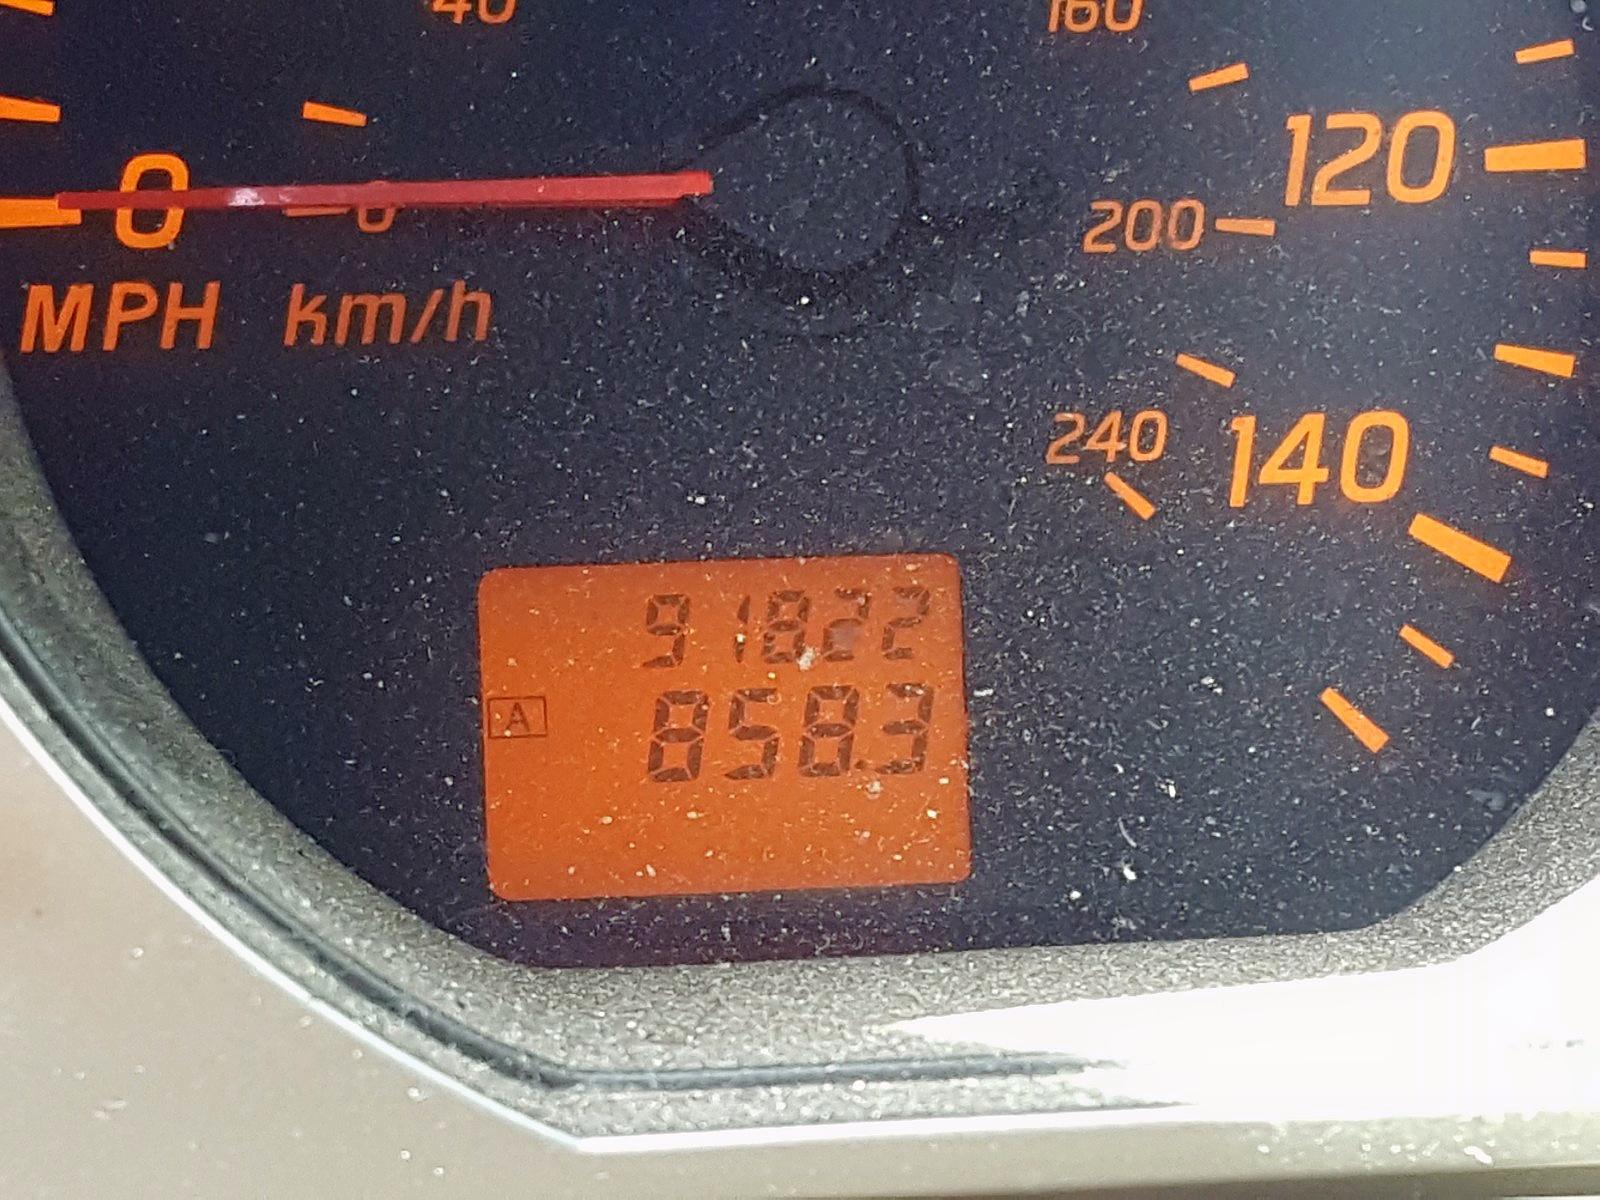 1N4AL11D14C170056 - 2004 Nissan Altima Bas 2.5L front view